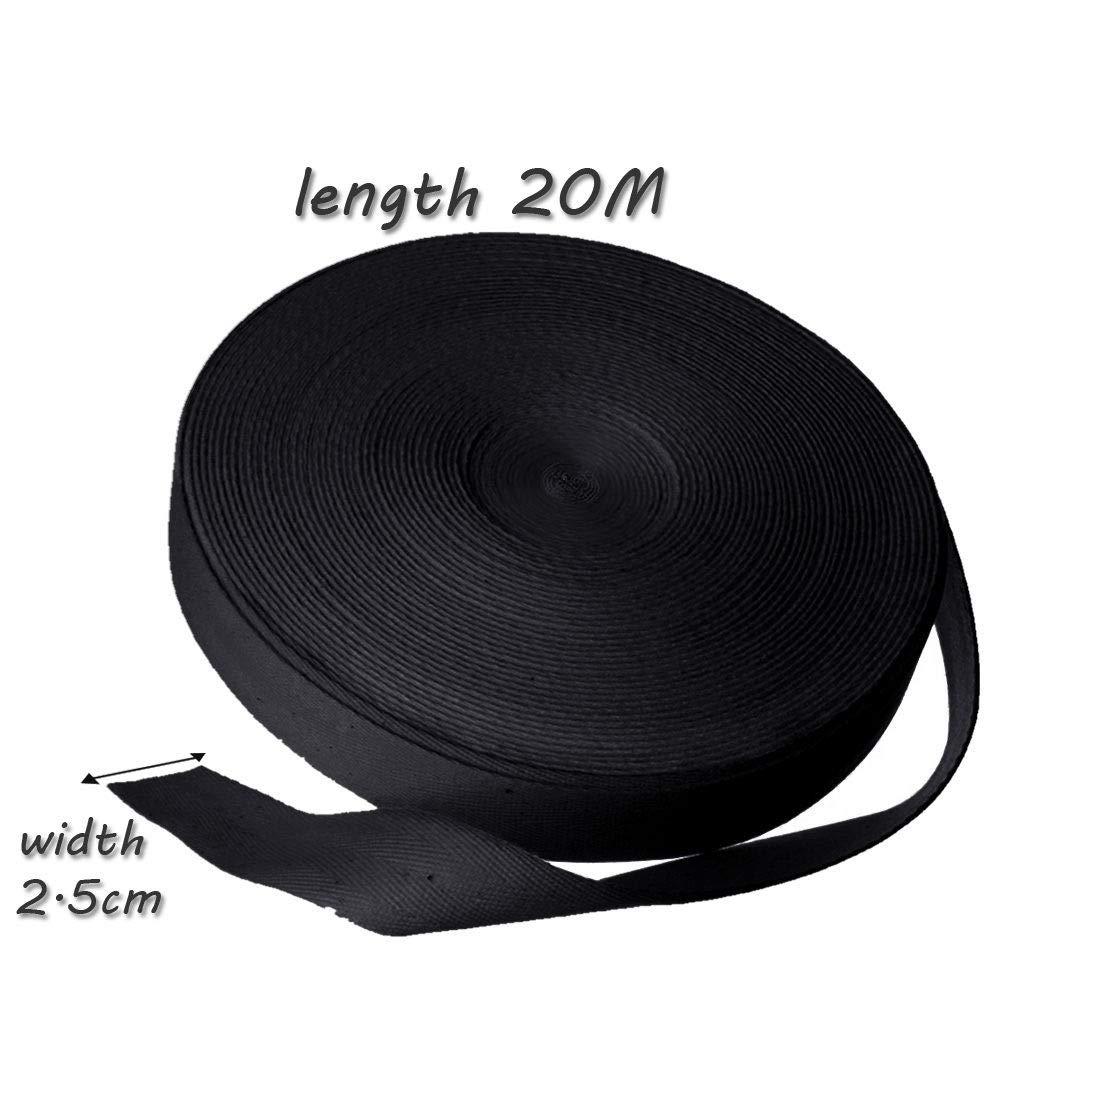 10//20//50 m Rouleau de ruban en coton/-/Serg/é/-/Motifs /à chevrons/-/Couture/ noir /Warehouseshop 25mm Coton 20 Meter